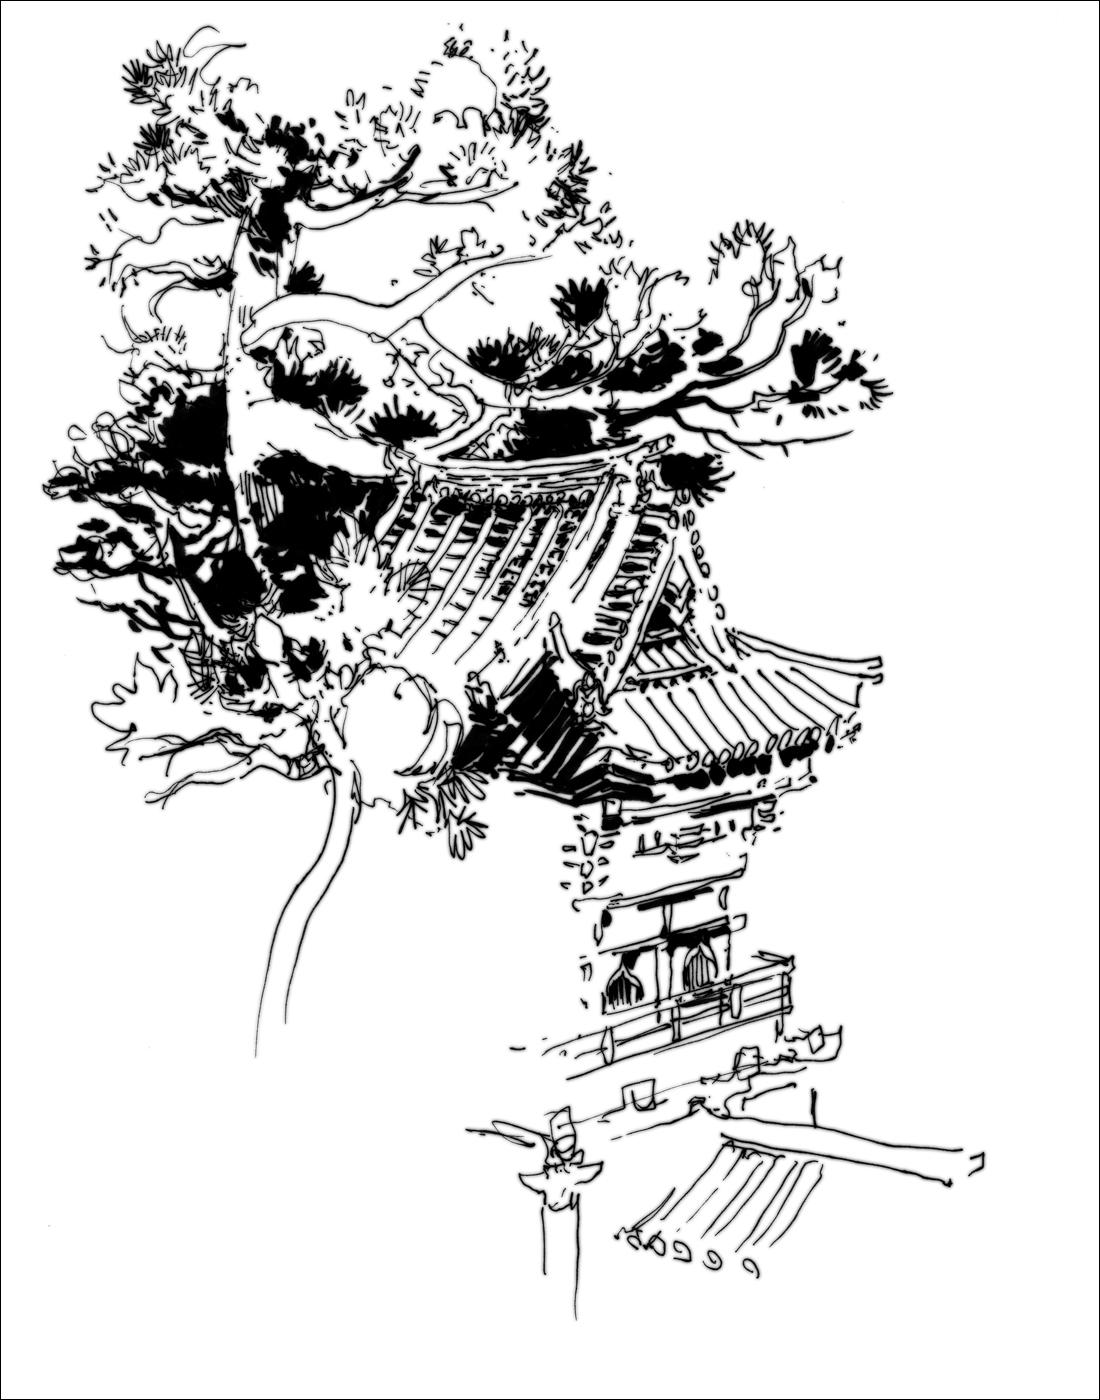 Line Drawing Garden : World wide sketchcrawl japanese garden golden gate